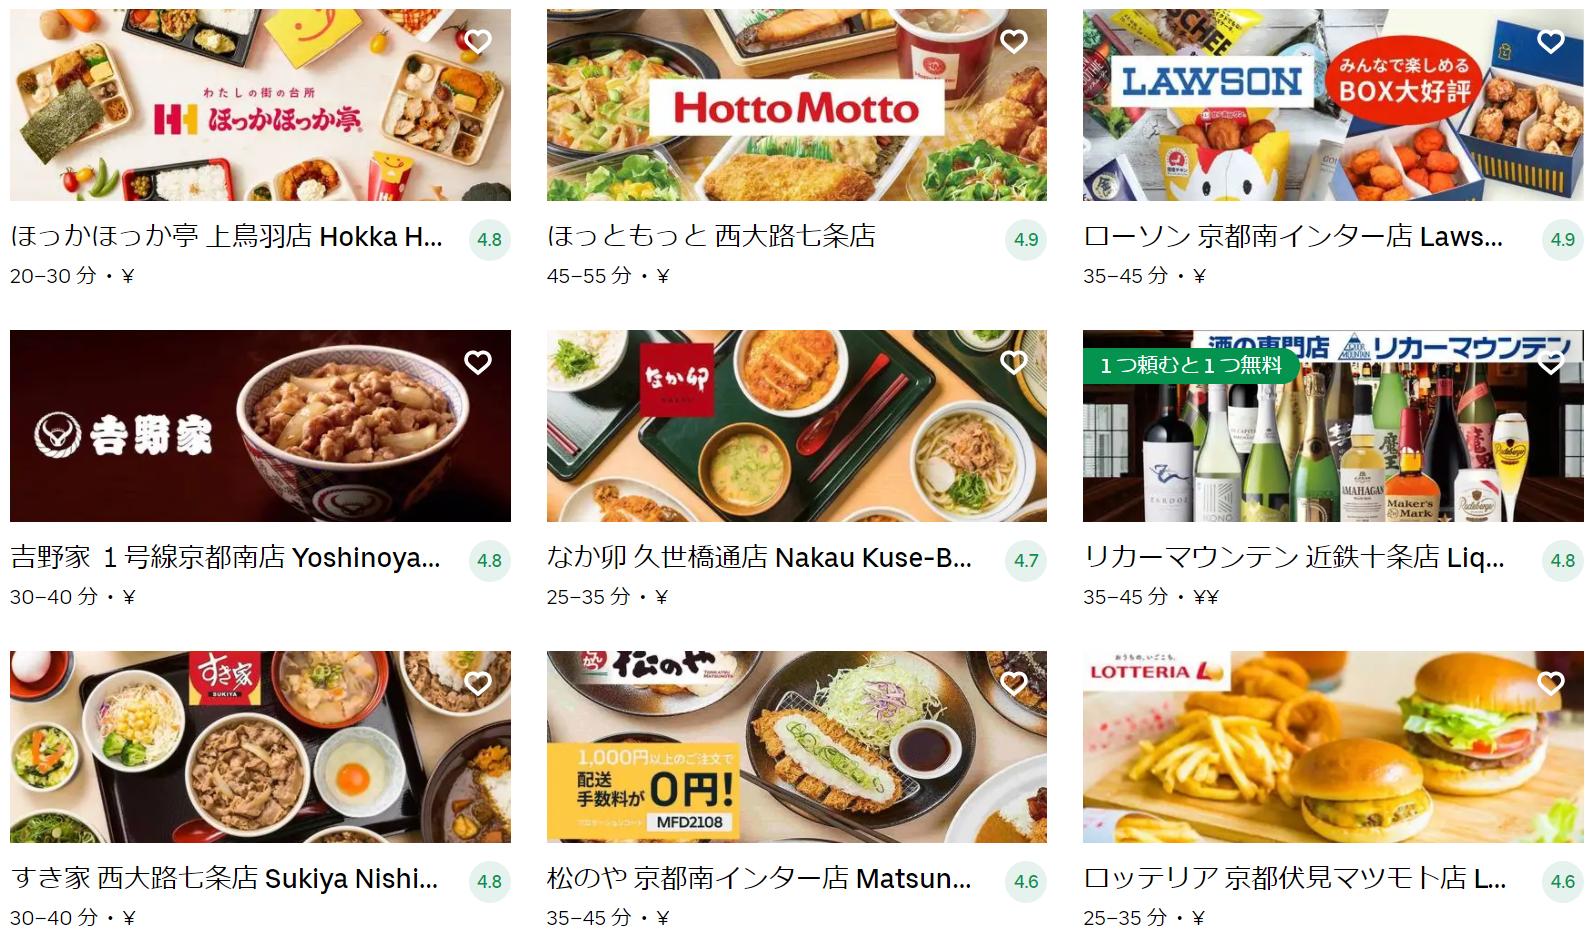 京都市南区エリアのおすすめUber Eats(ウーバーイーツ)メニュー